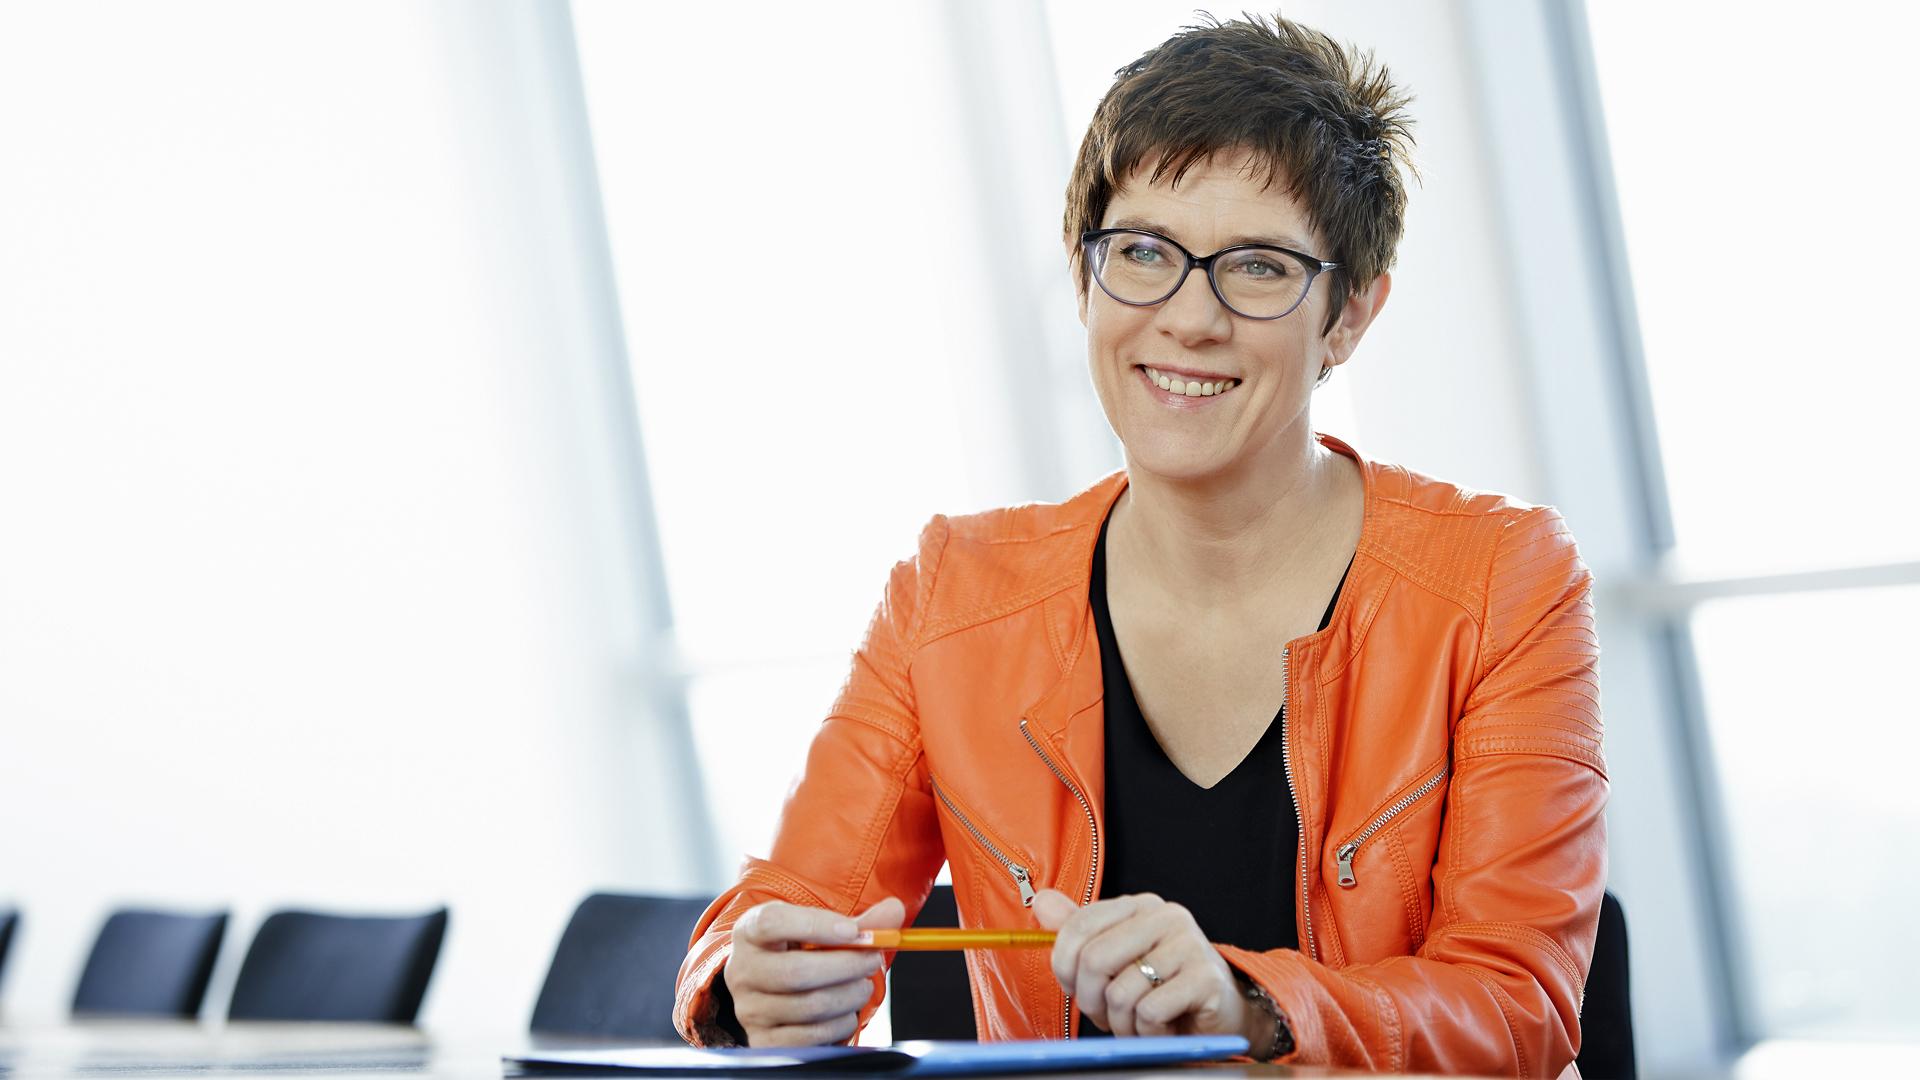 Annegret Kramp-Karrenbauer sorgt sich um ungeborene Kinder mit Down-Syndrom. Dennoch will sie die vorgeburtlichen Tests auf den Gendefekt als Kassenleistung sehen.